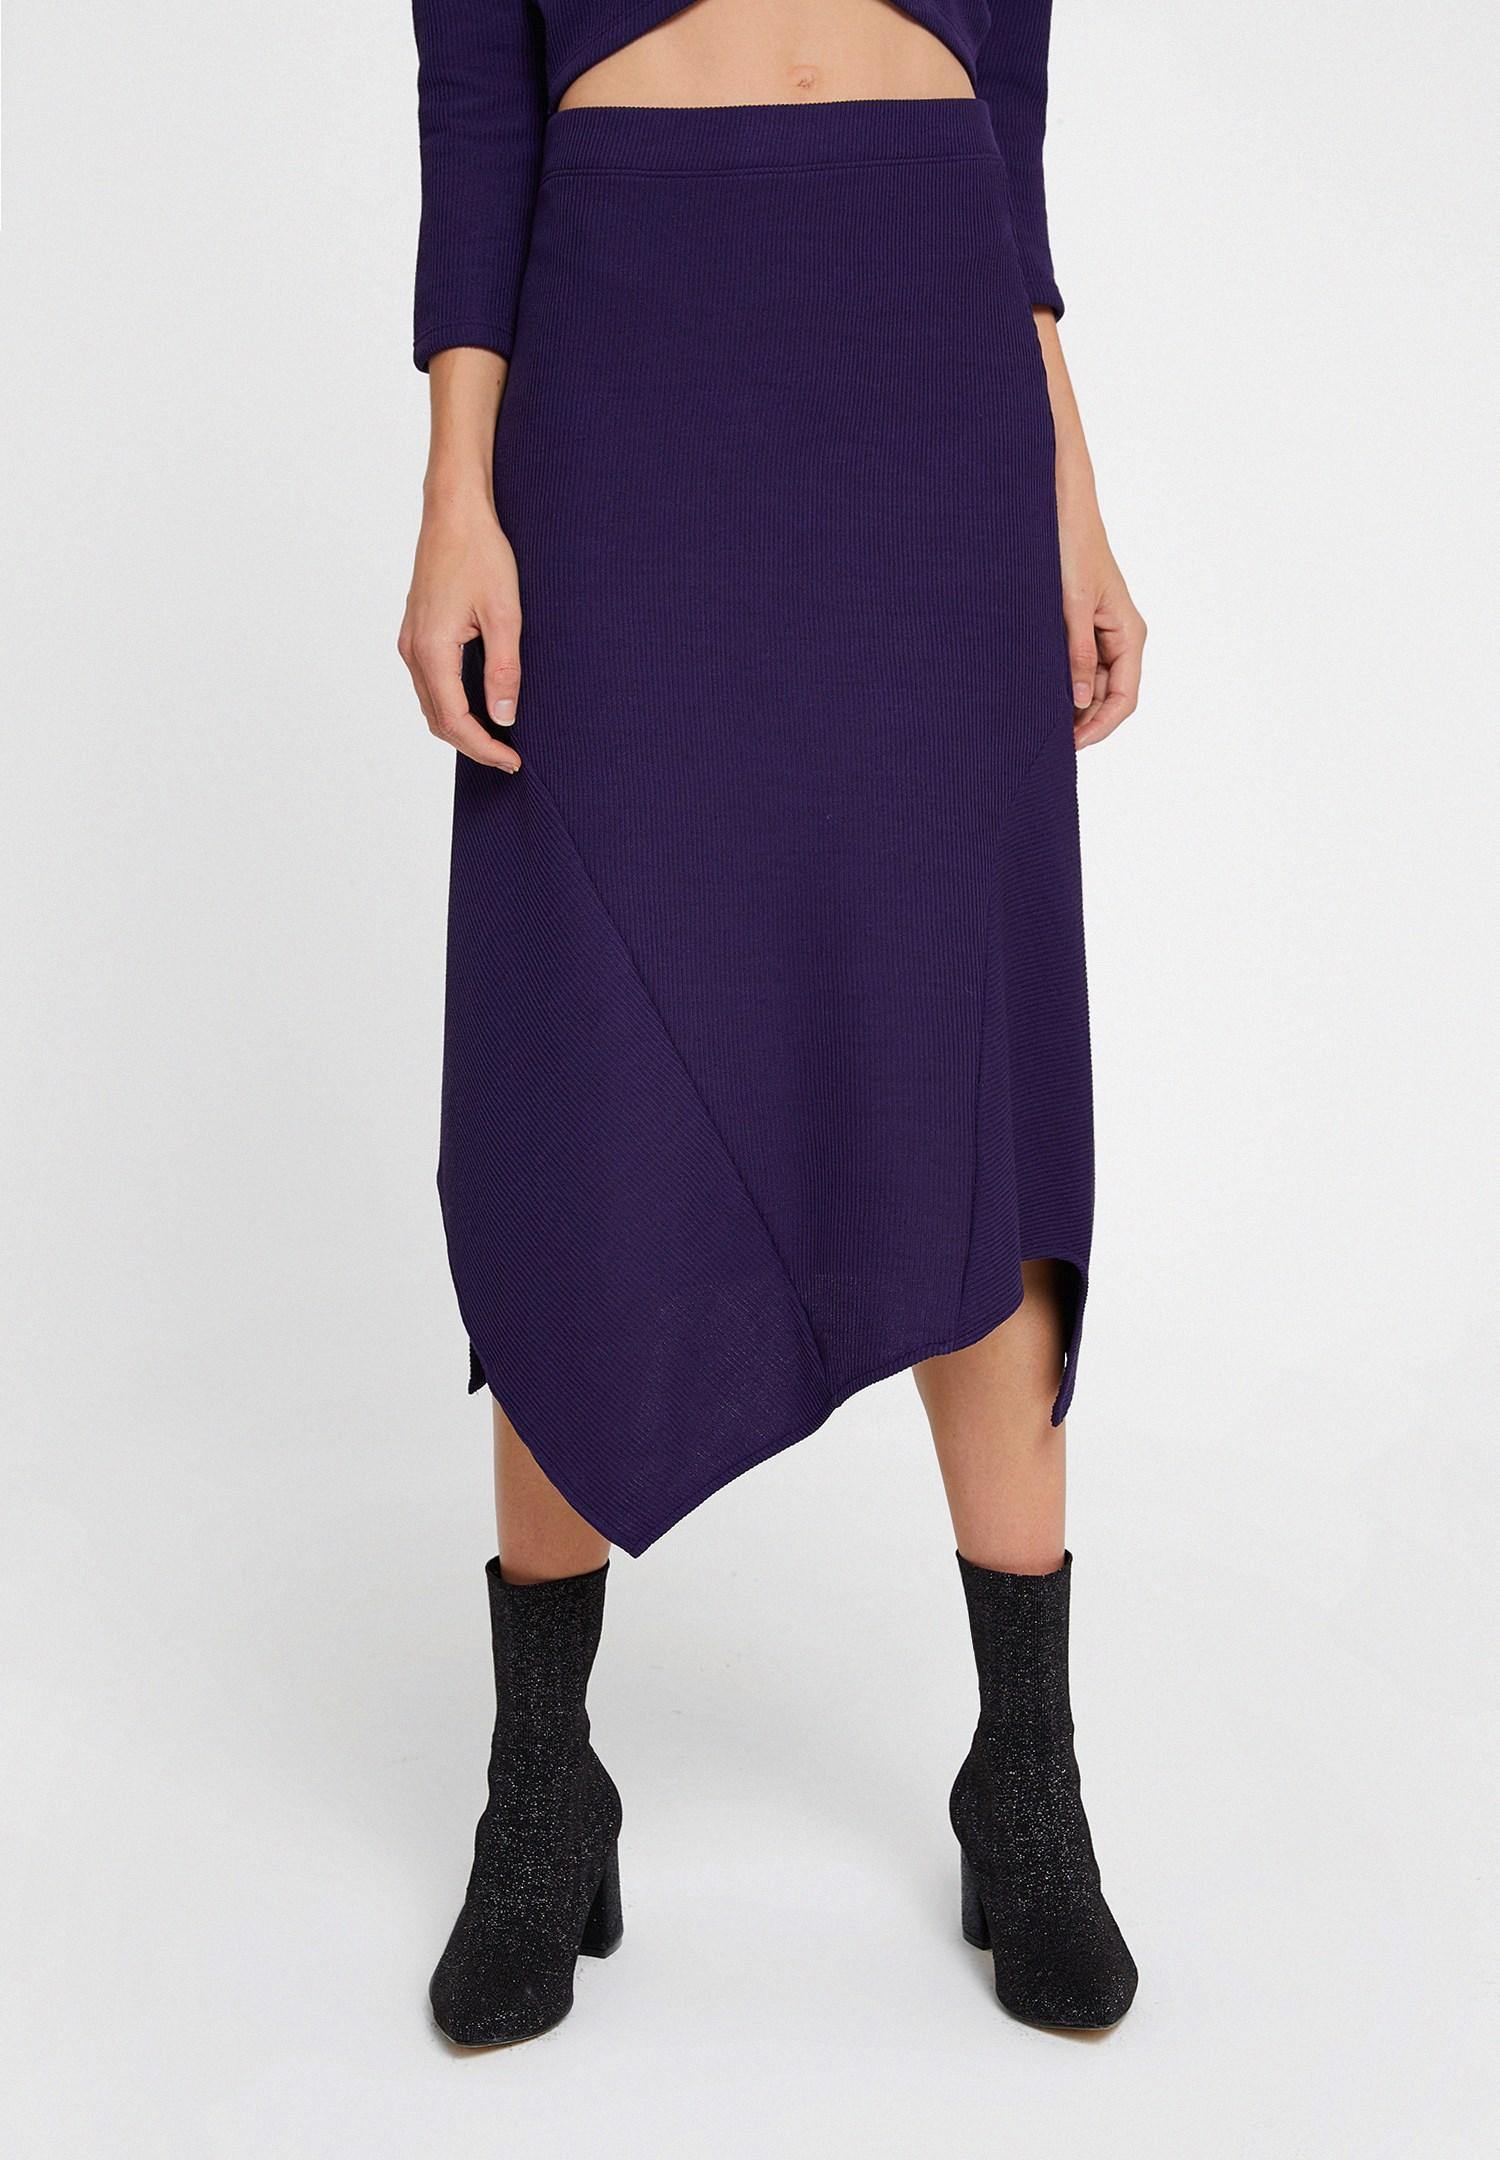 d85fc45ea35d Purple Asymmetric Midi Skirt with Details Online Shopping